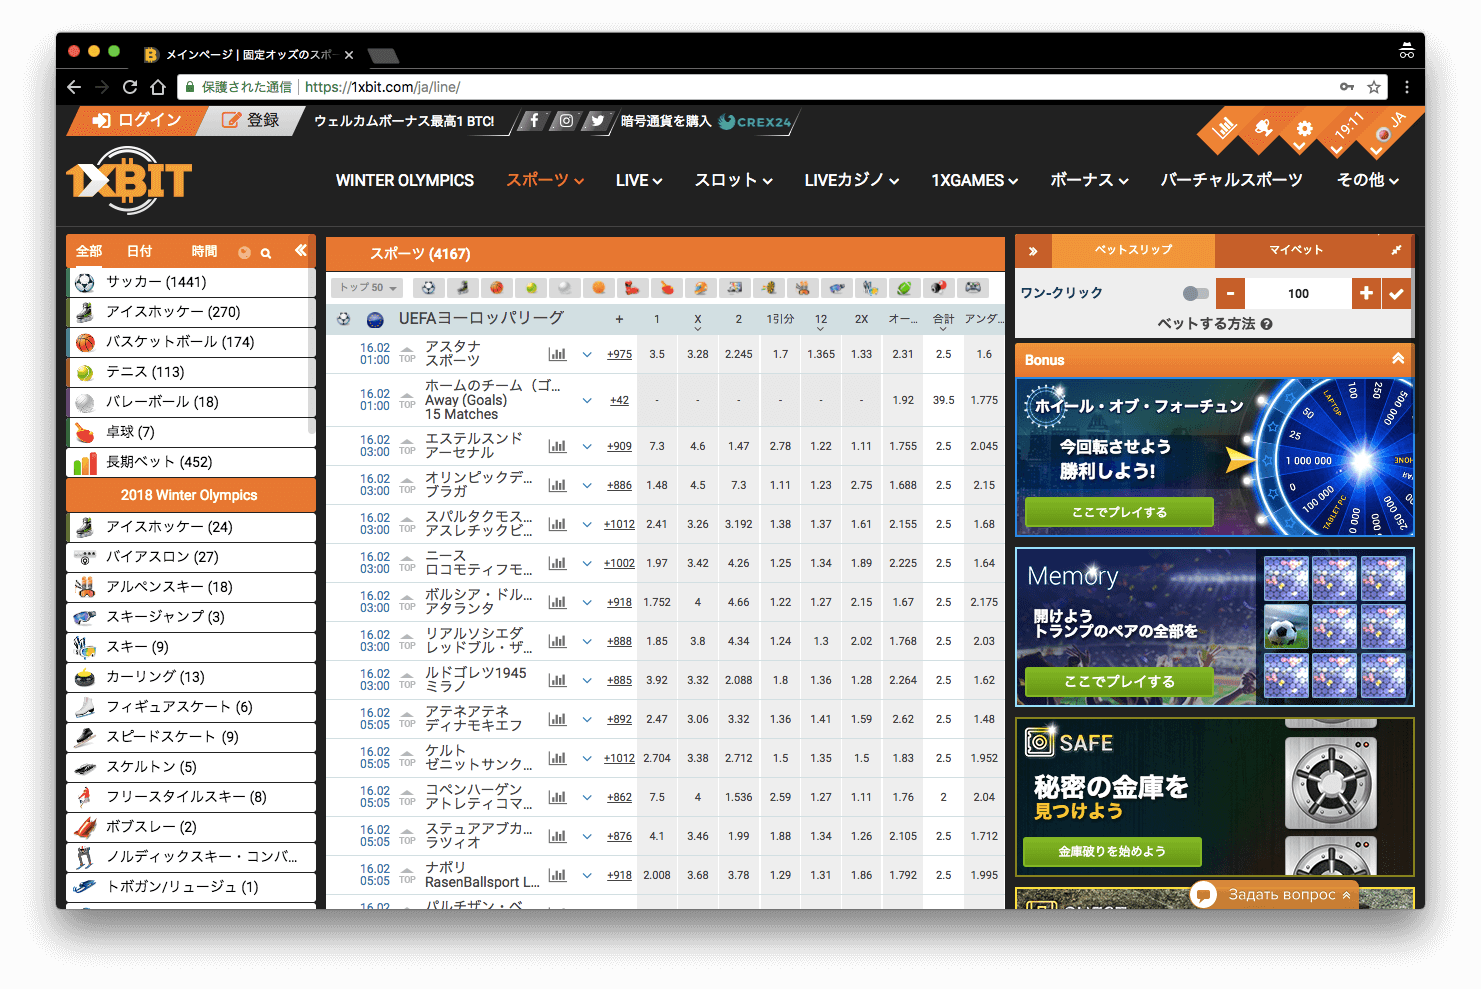 ワンバイビットで賭けられるサッカーリーグ一覧の写真